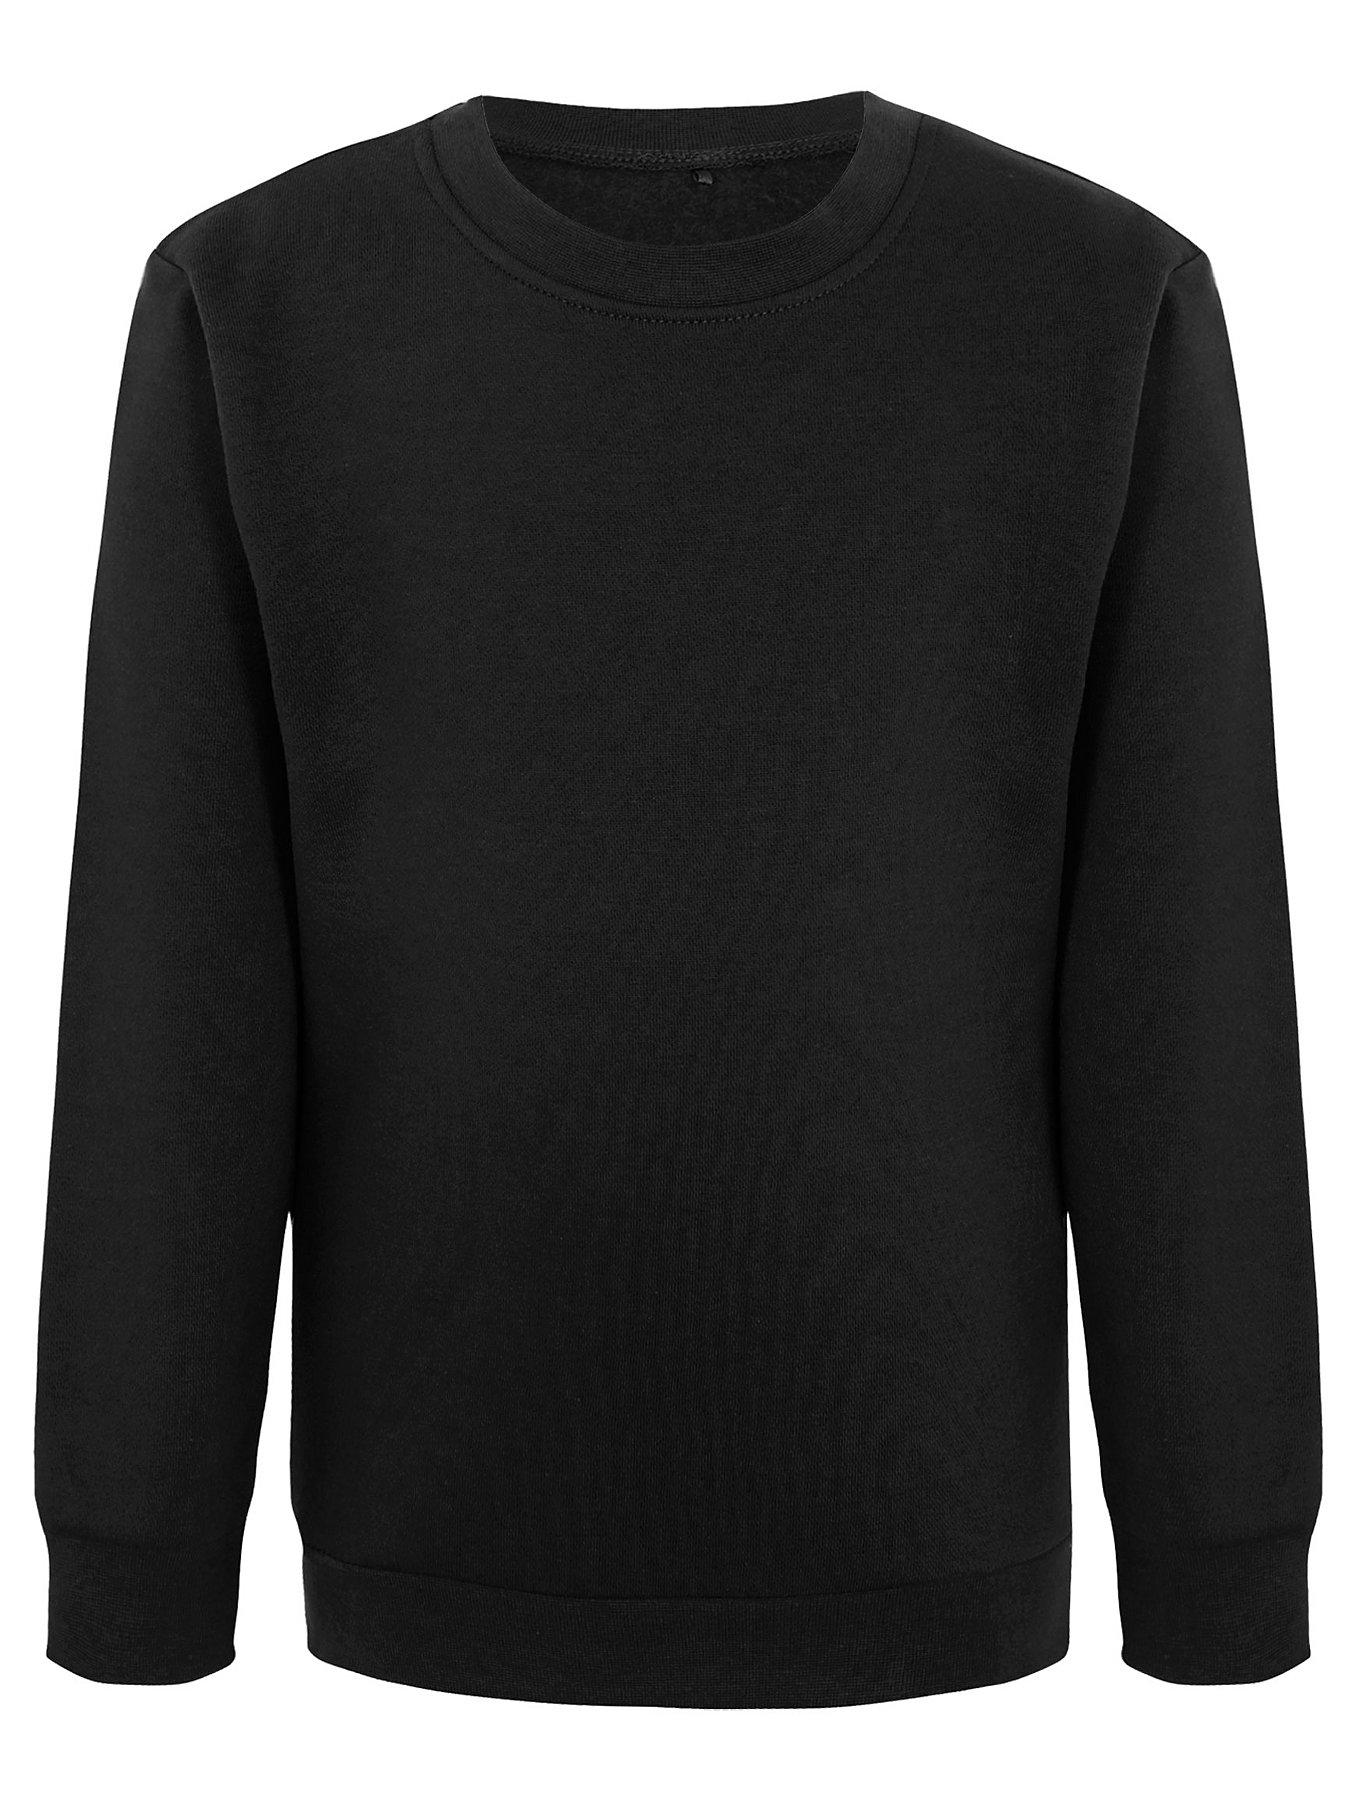 Boys Jumpers Sweatshirts School George At Asda Tendencies Sweater Hoody Green Zipper Olive S Black Sweatshirt